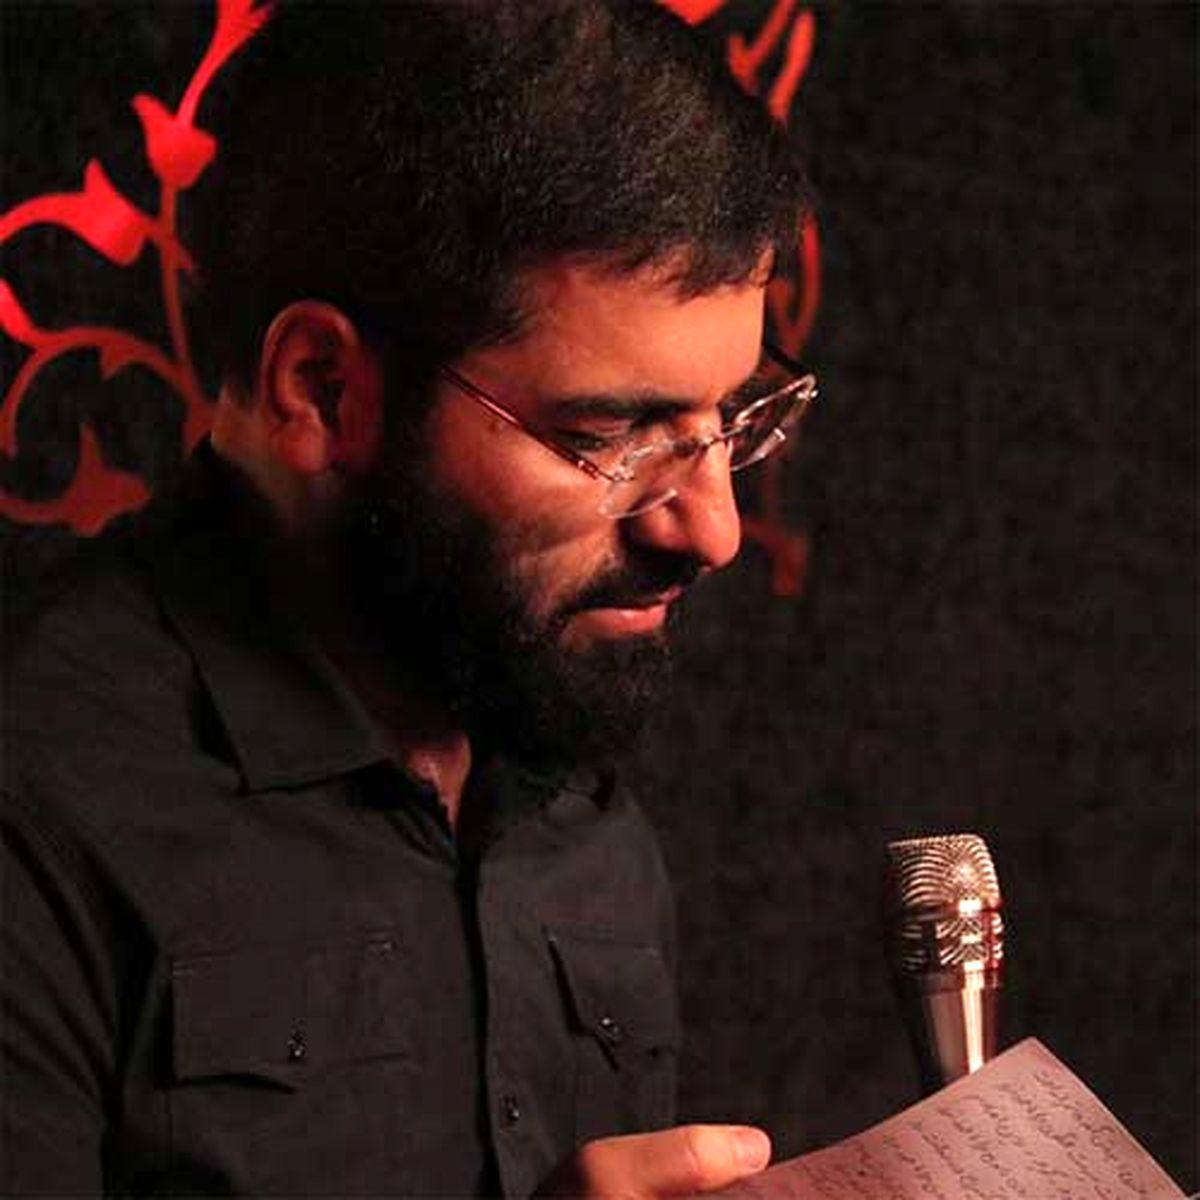 دانلود مداحی ماه محرم حسین سیب سرخی+ صوت